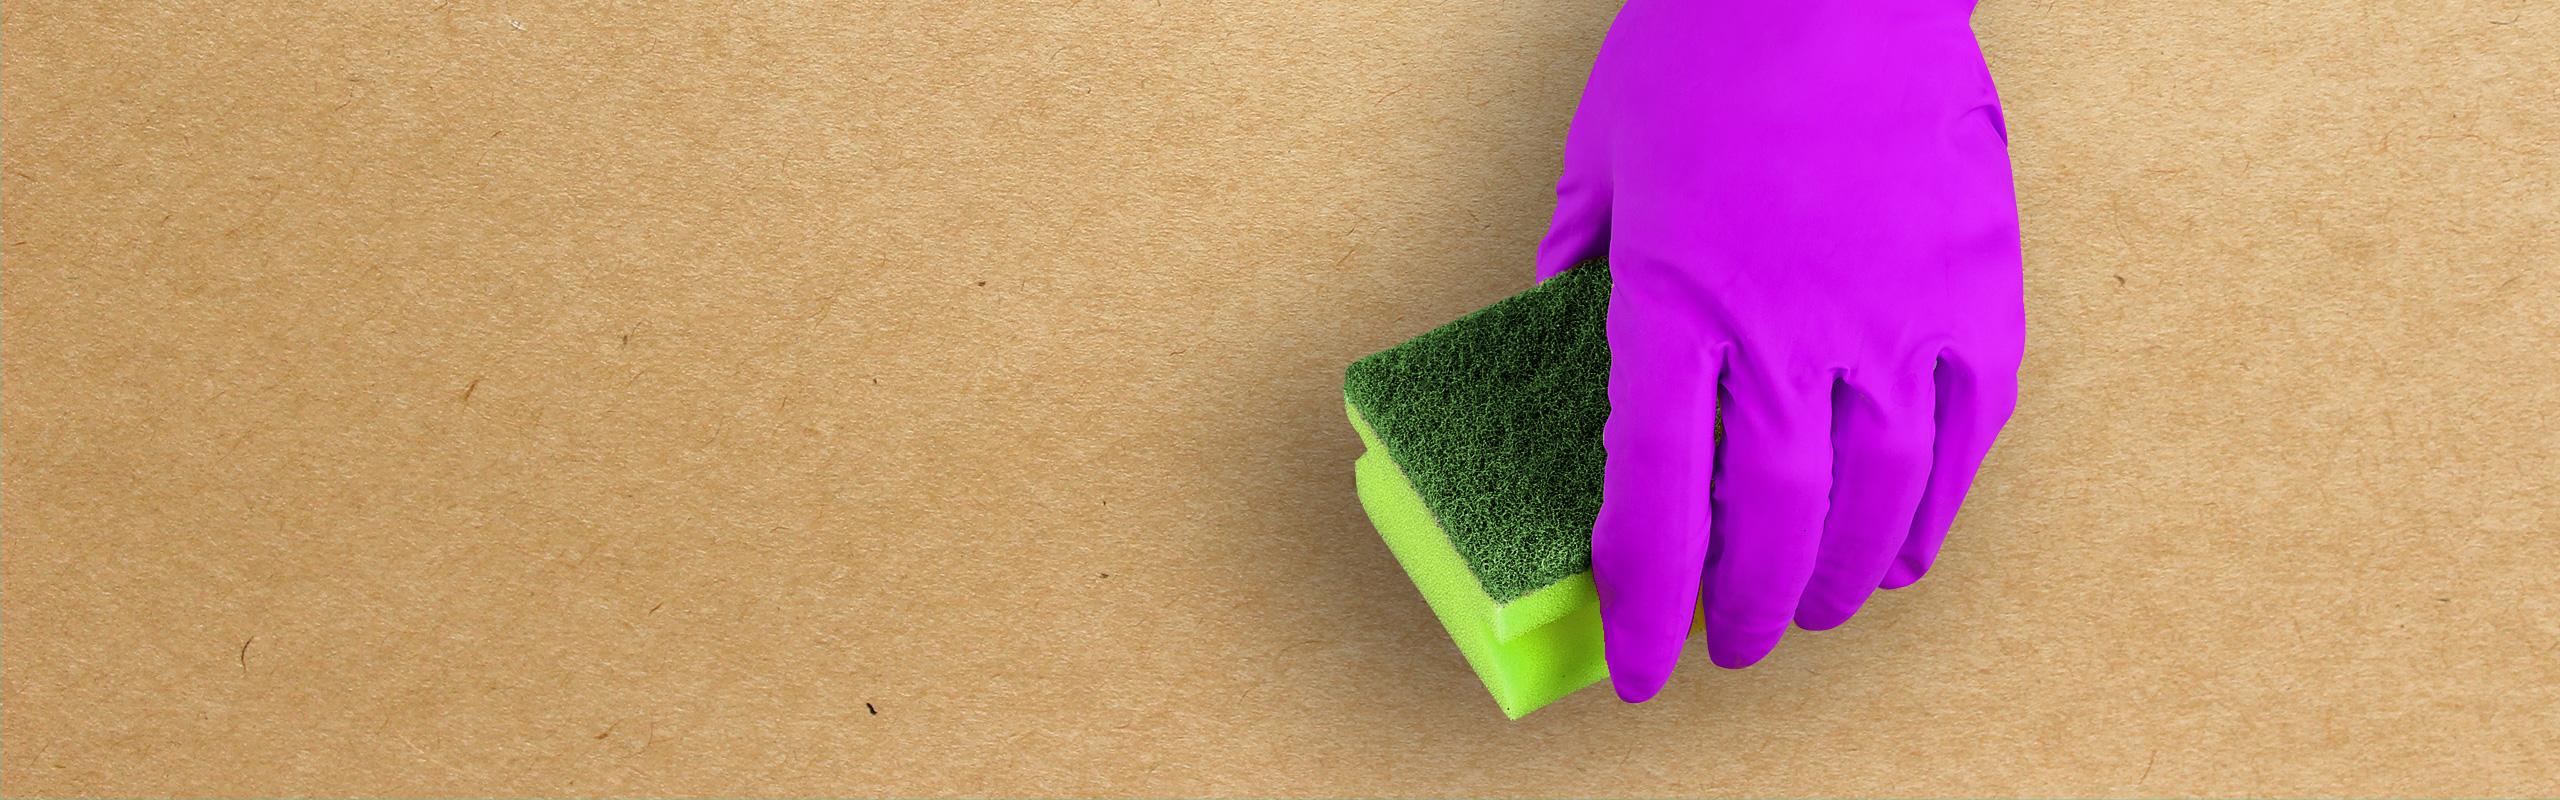 Tisztaság az egész házban, gazdaságosan